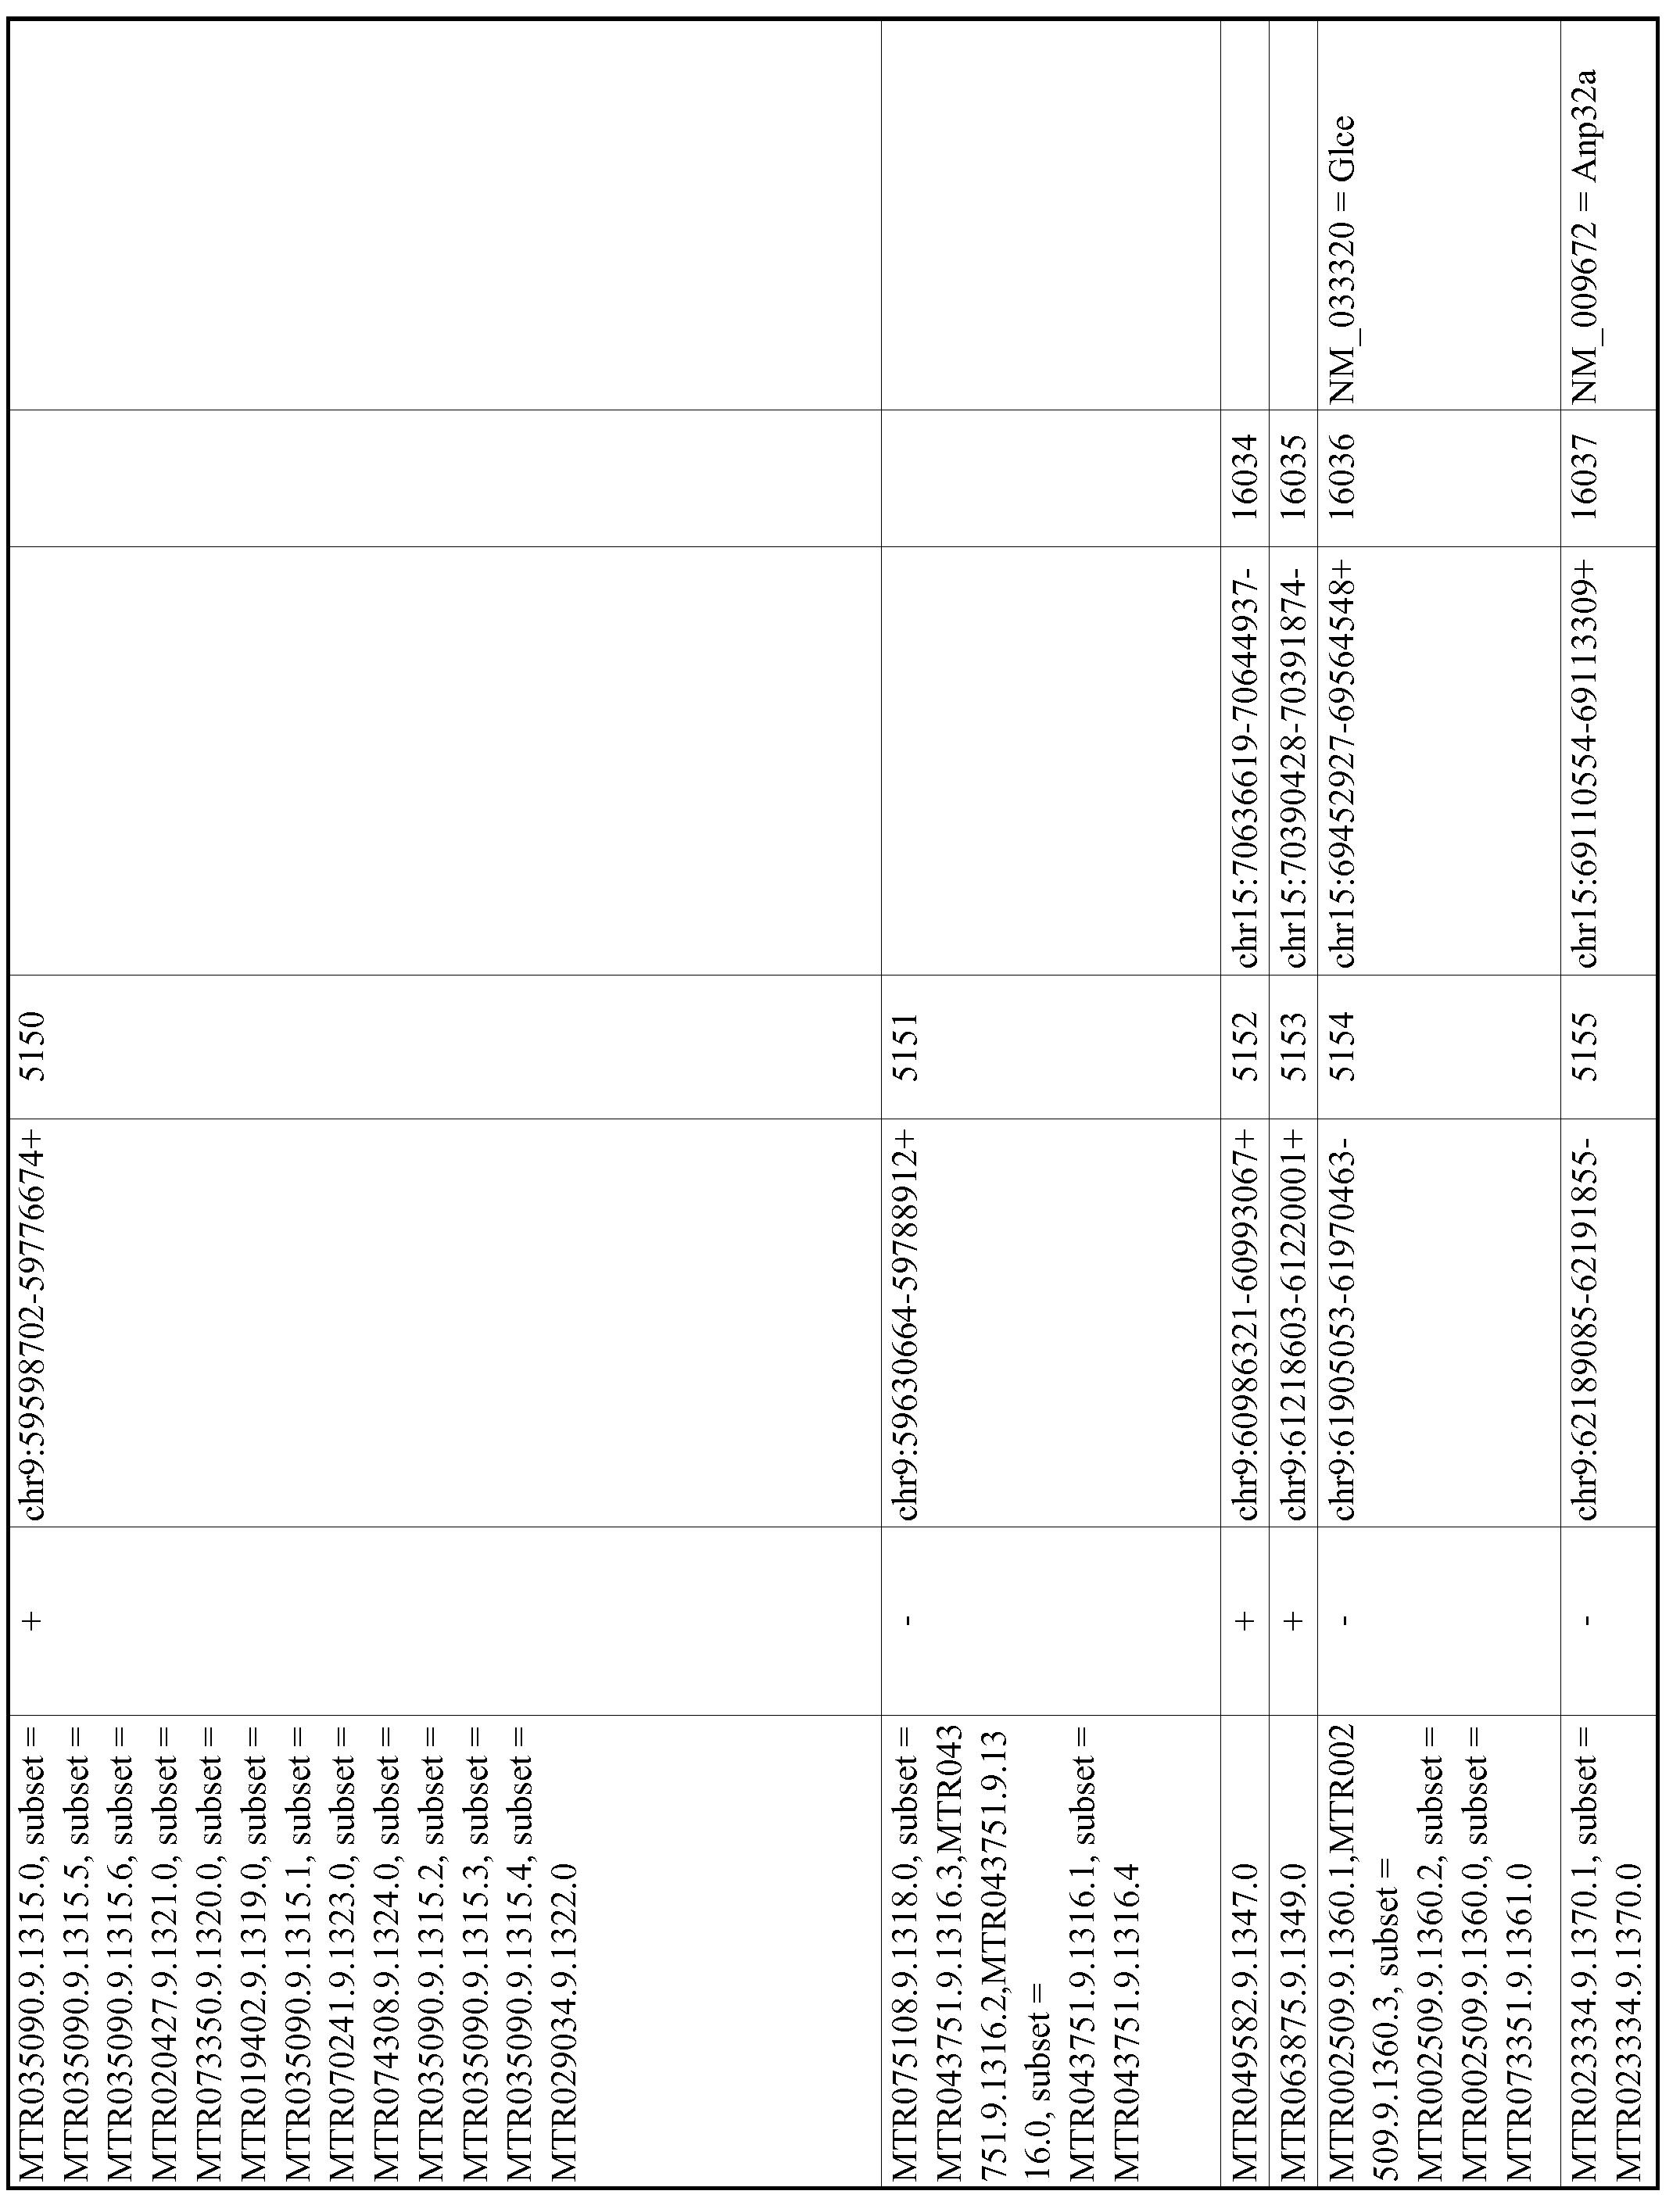 Figure imgf000938_0001